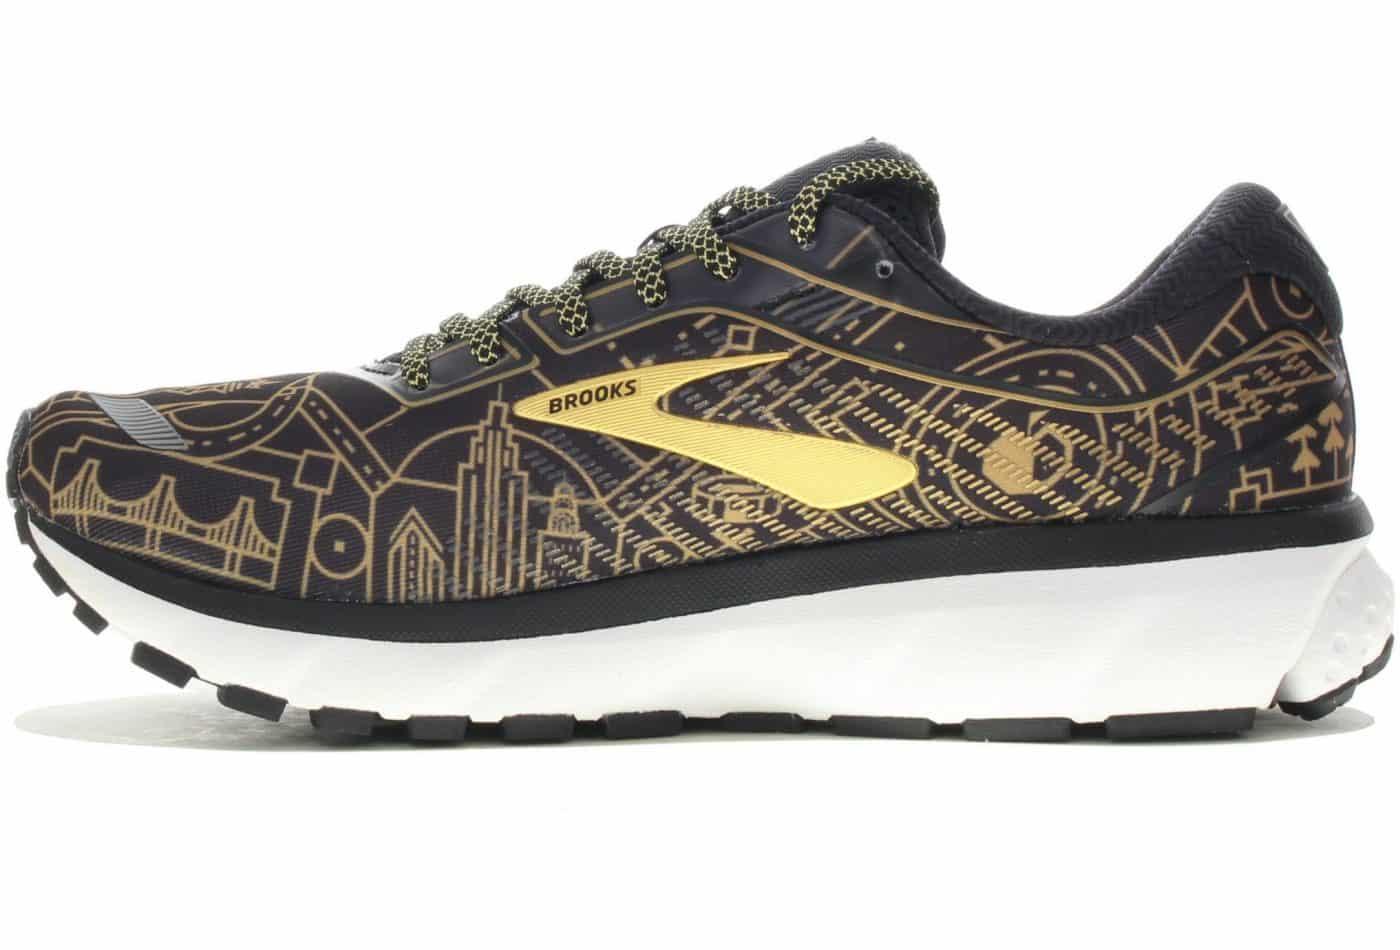 brooks-ghost-12-marathon-nyc-chaussures-running-runpack1